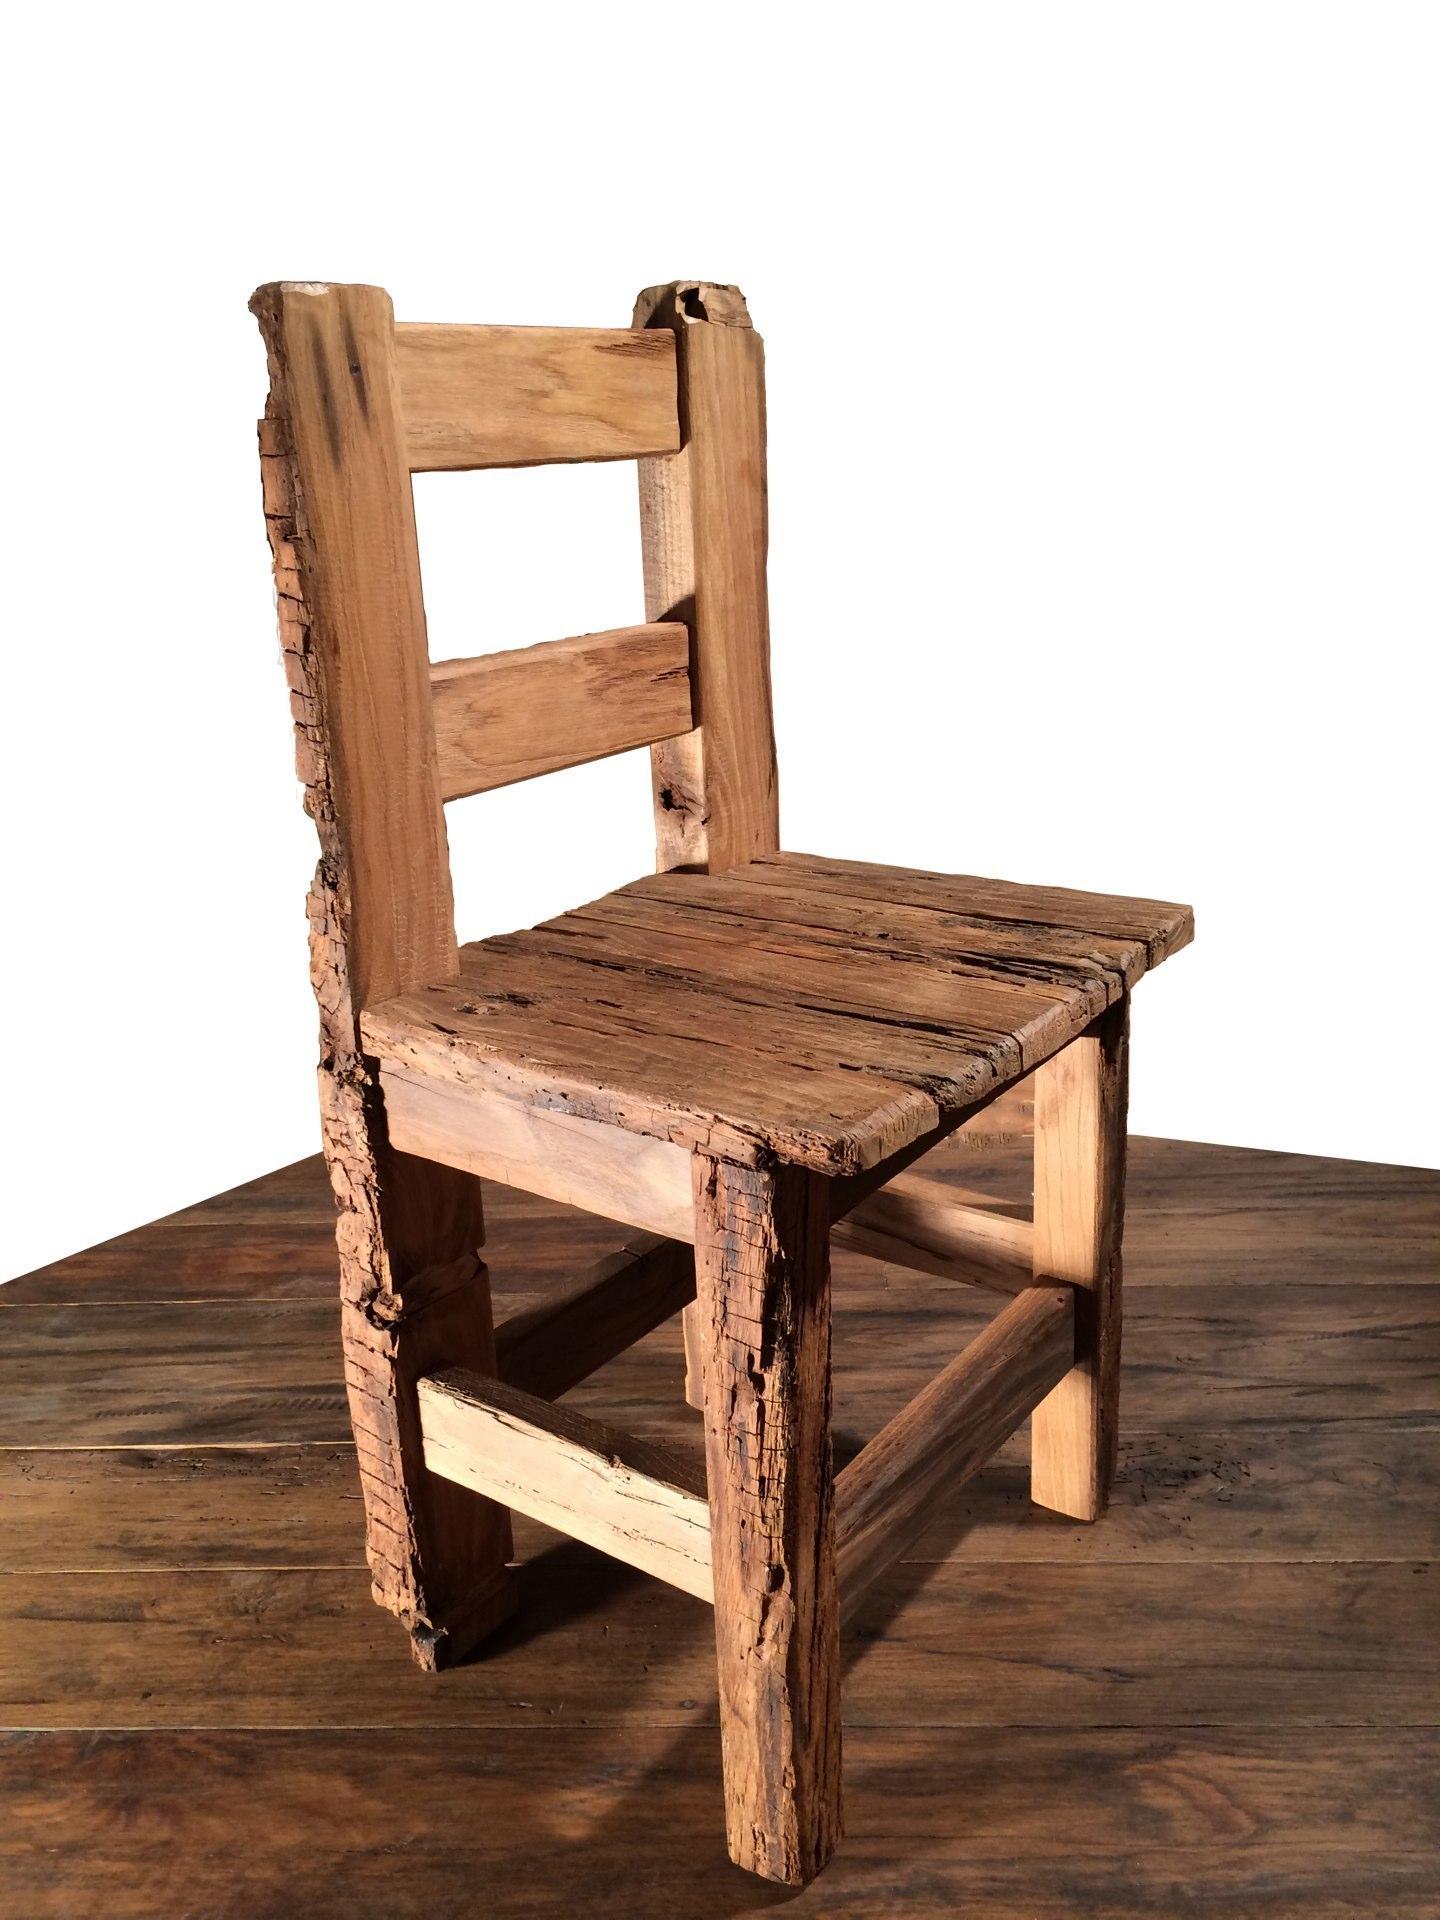 Tavoli sedie arredamenti porte finestre in legno antico - Tavoli in legno vecchio ...